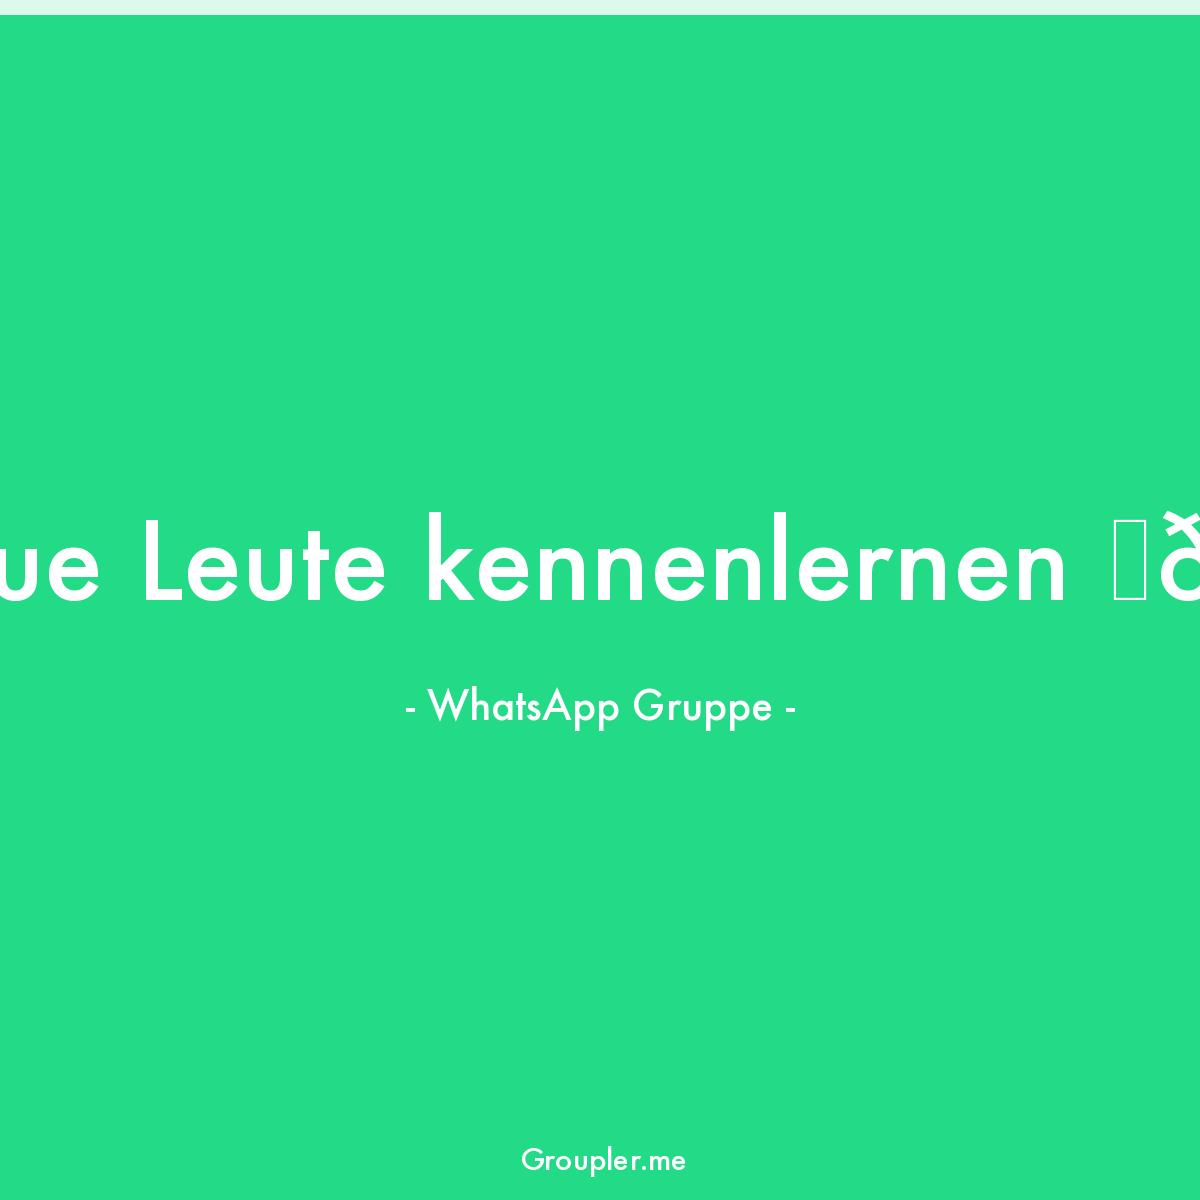 whatsapp gruppe kennenlernen